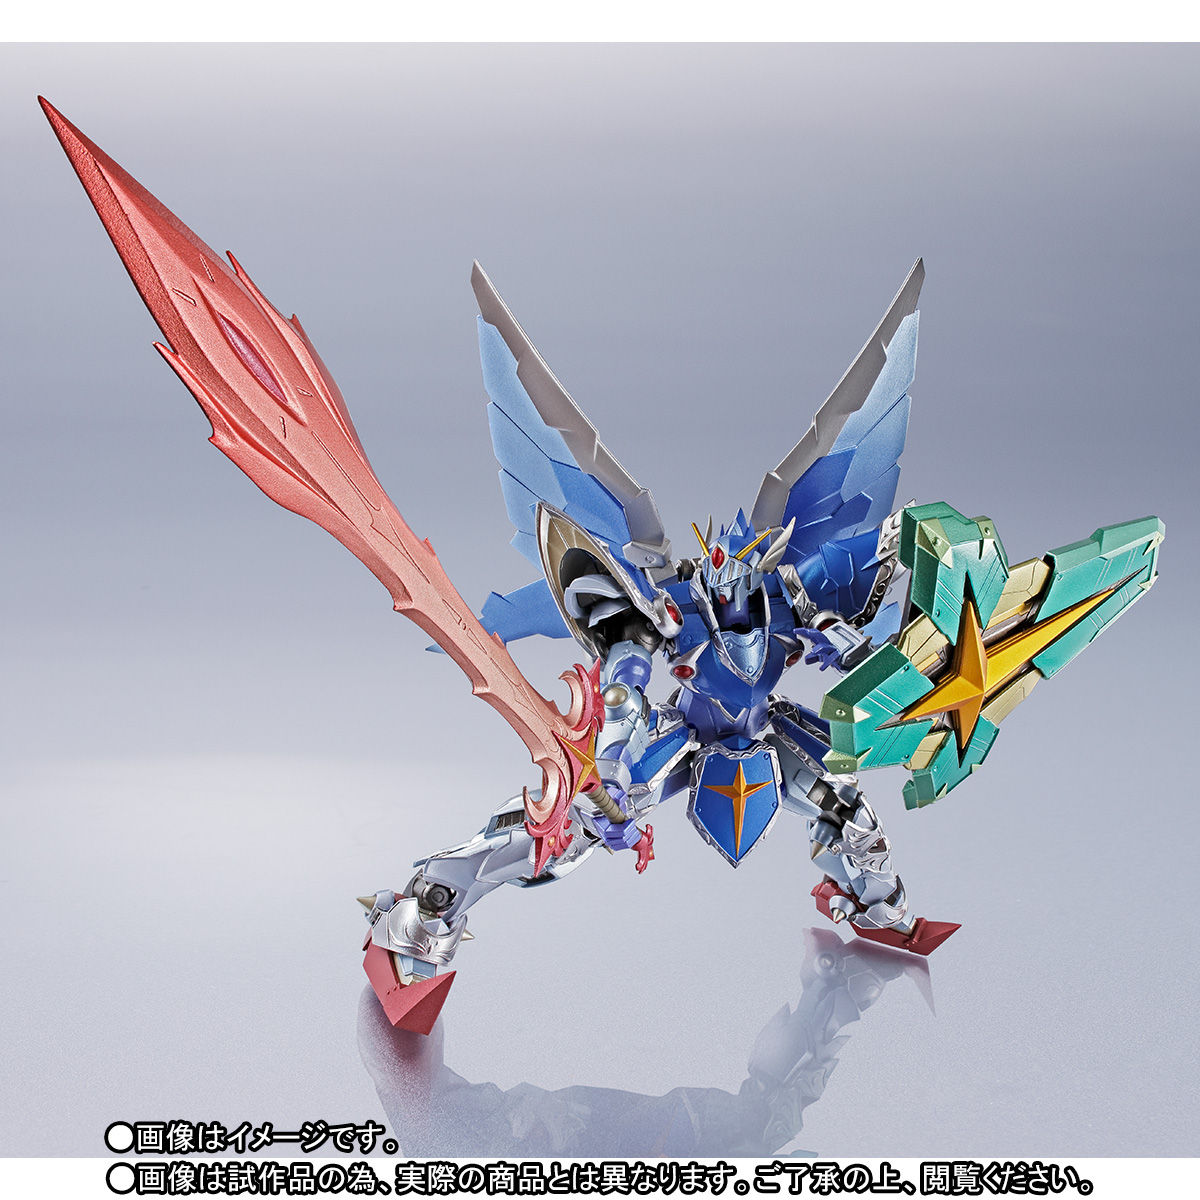 METAL ROBOT魂〈SIDE MS〉『フルアーマー騎士ガンダム(リアルタイプver.)|SDガンダム外伝』可動フィギュア-008